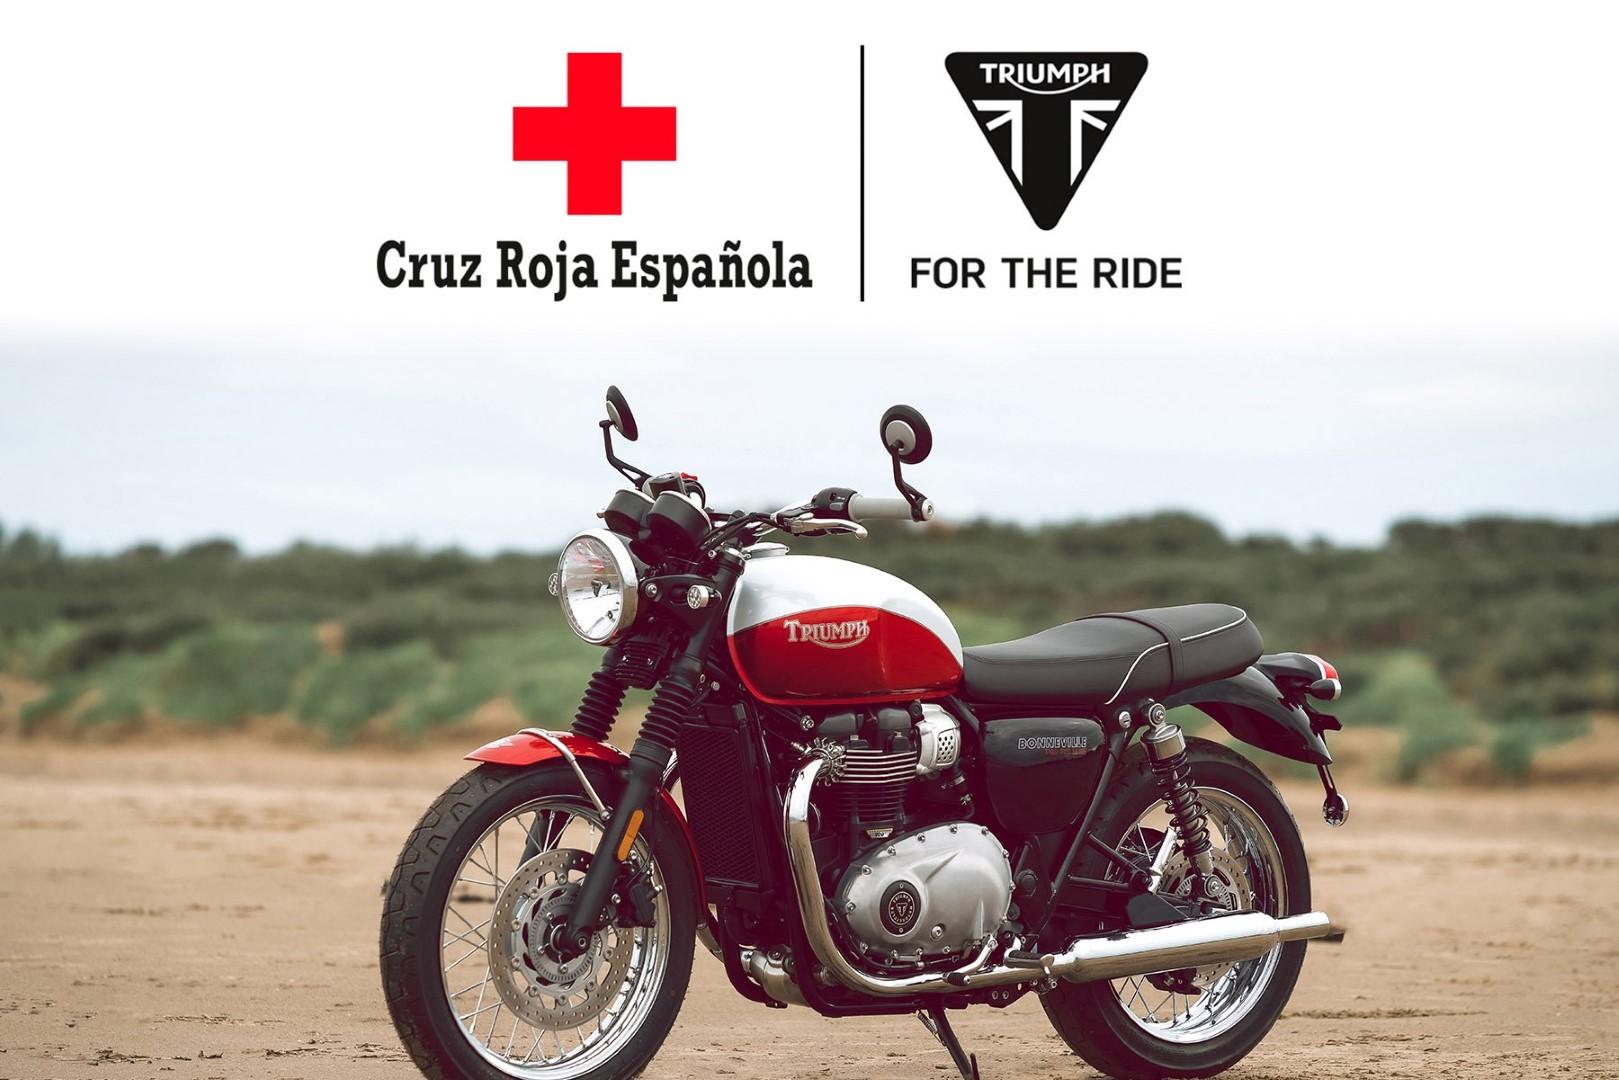 Triumph sorteará una Bonneville y donará lo recaudado a Cruz Roja RESPONDE para frenar el Coronavirus